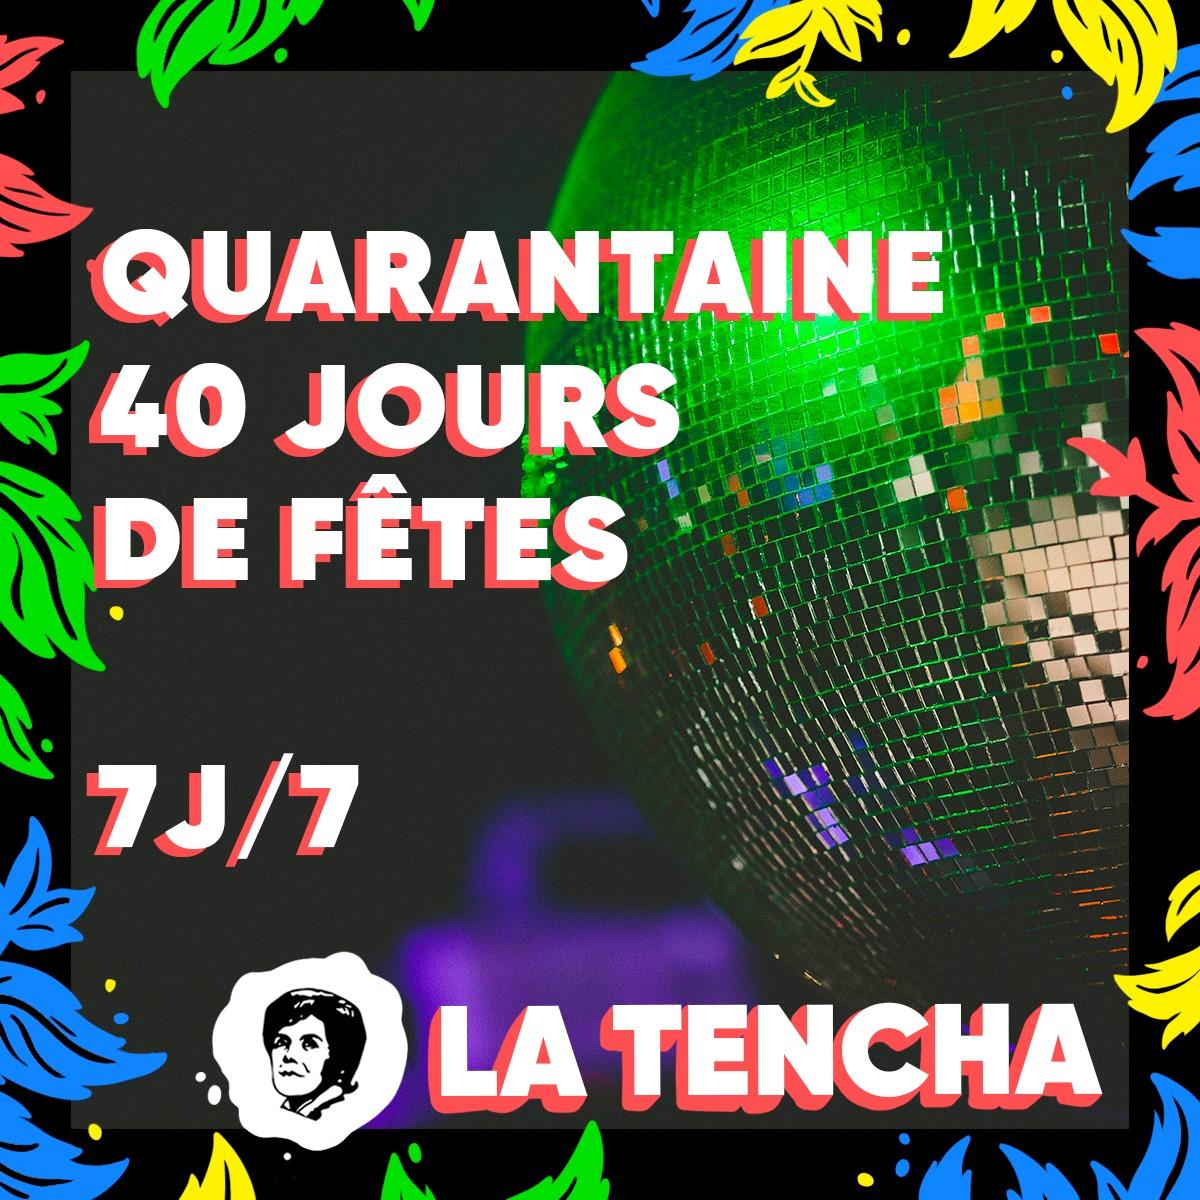 https://the-place-to-be.fr/wp-content/uploads/2021/10/quarantaine-tencha-bordeaux-2021-de6b820a.jpg